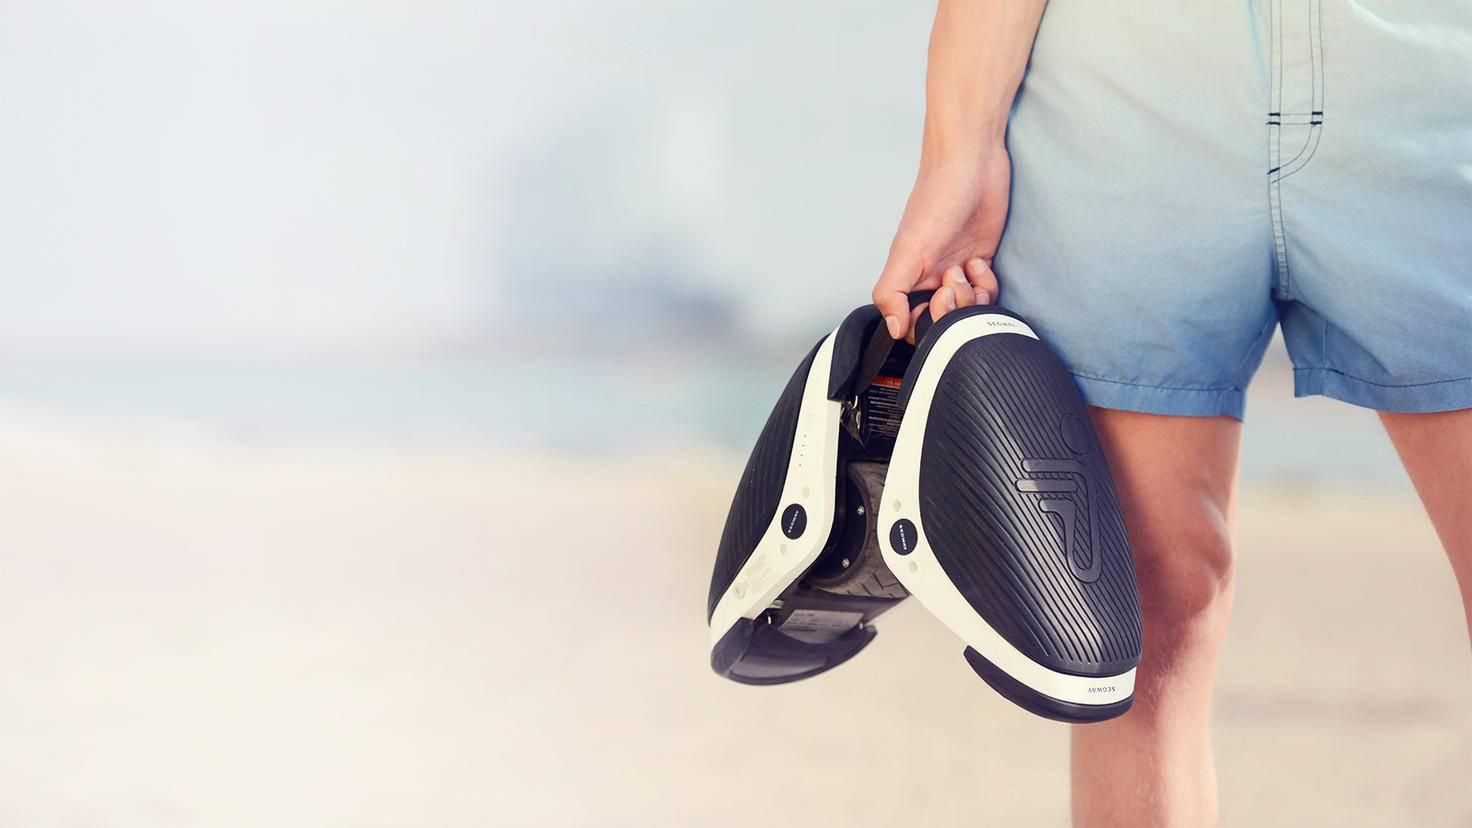 Die handlichen Skates können dank Gummibändern bequem getragen werden.